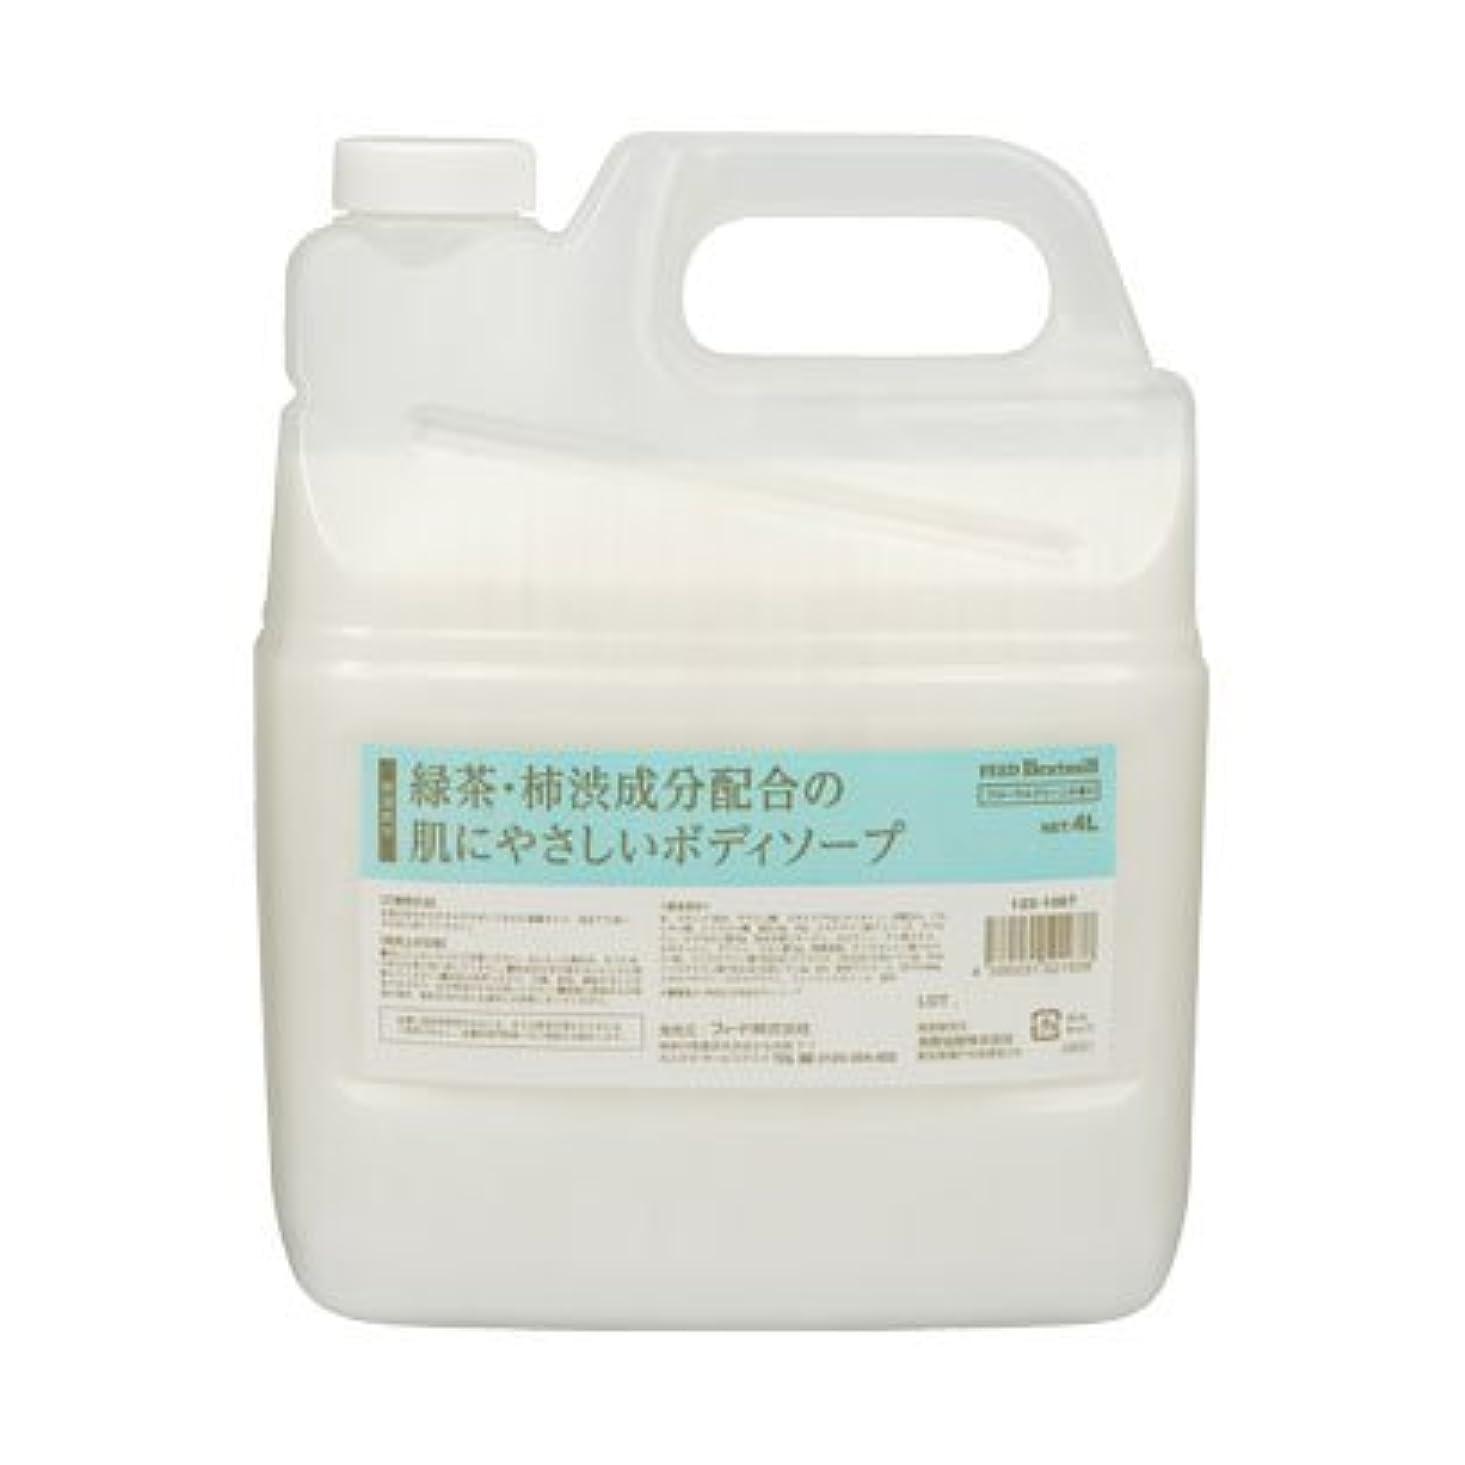 マーチャンダイザー添付なかなか【業務用】 FEED(フィード) 緑茶?柿渋成分配合の肌にやさしいボディソープ/4L 石けん 入数 1本